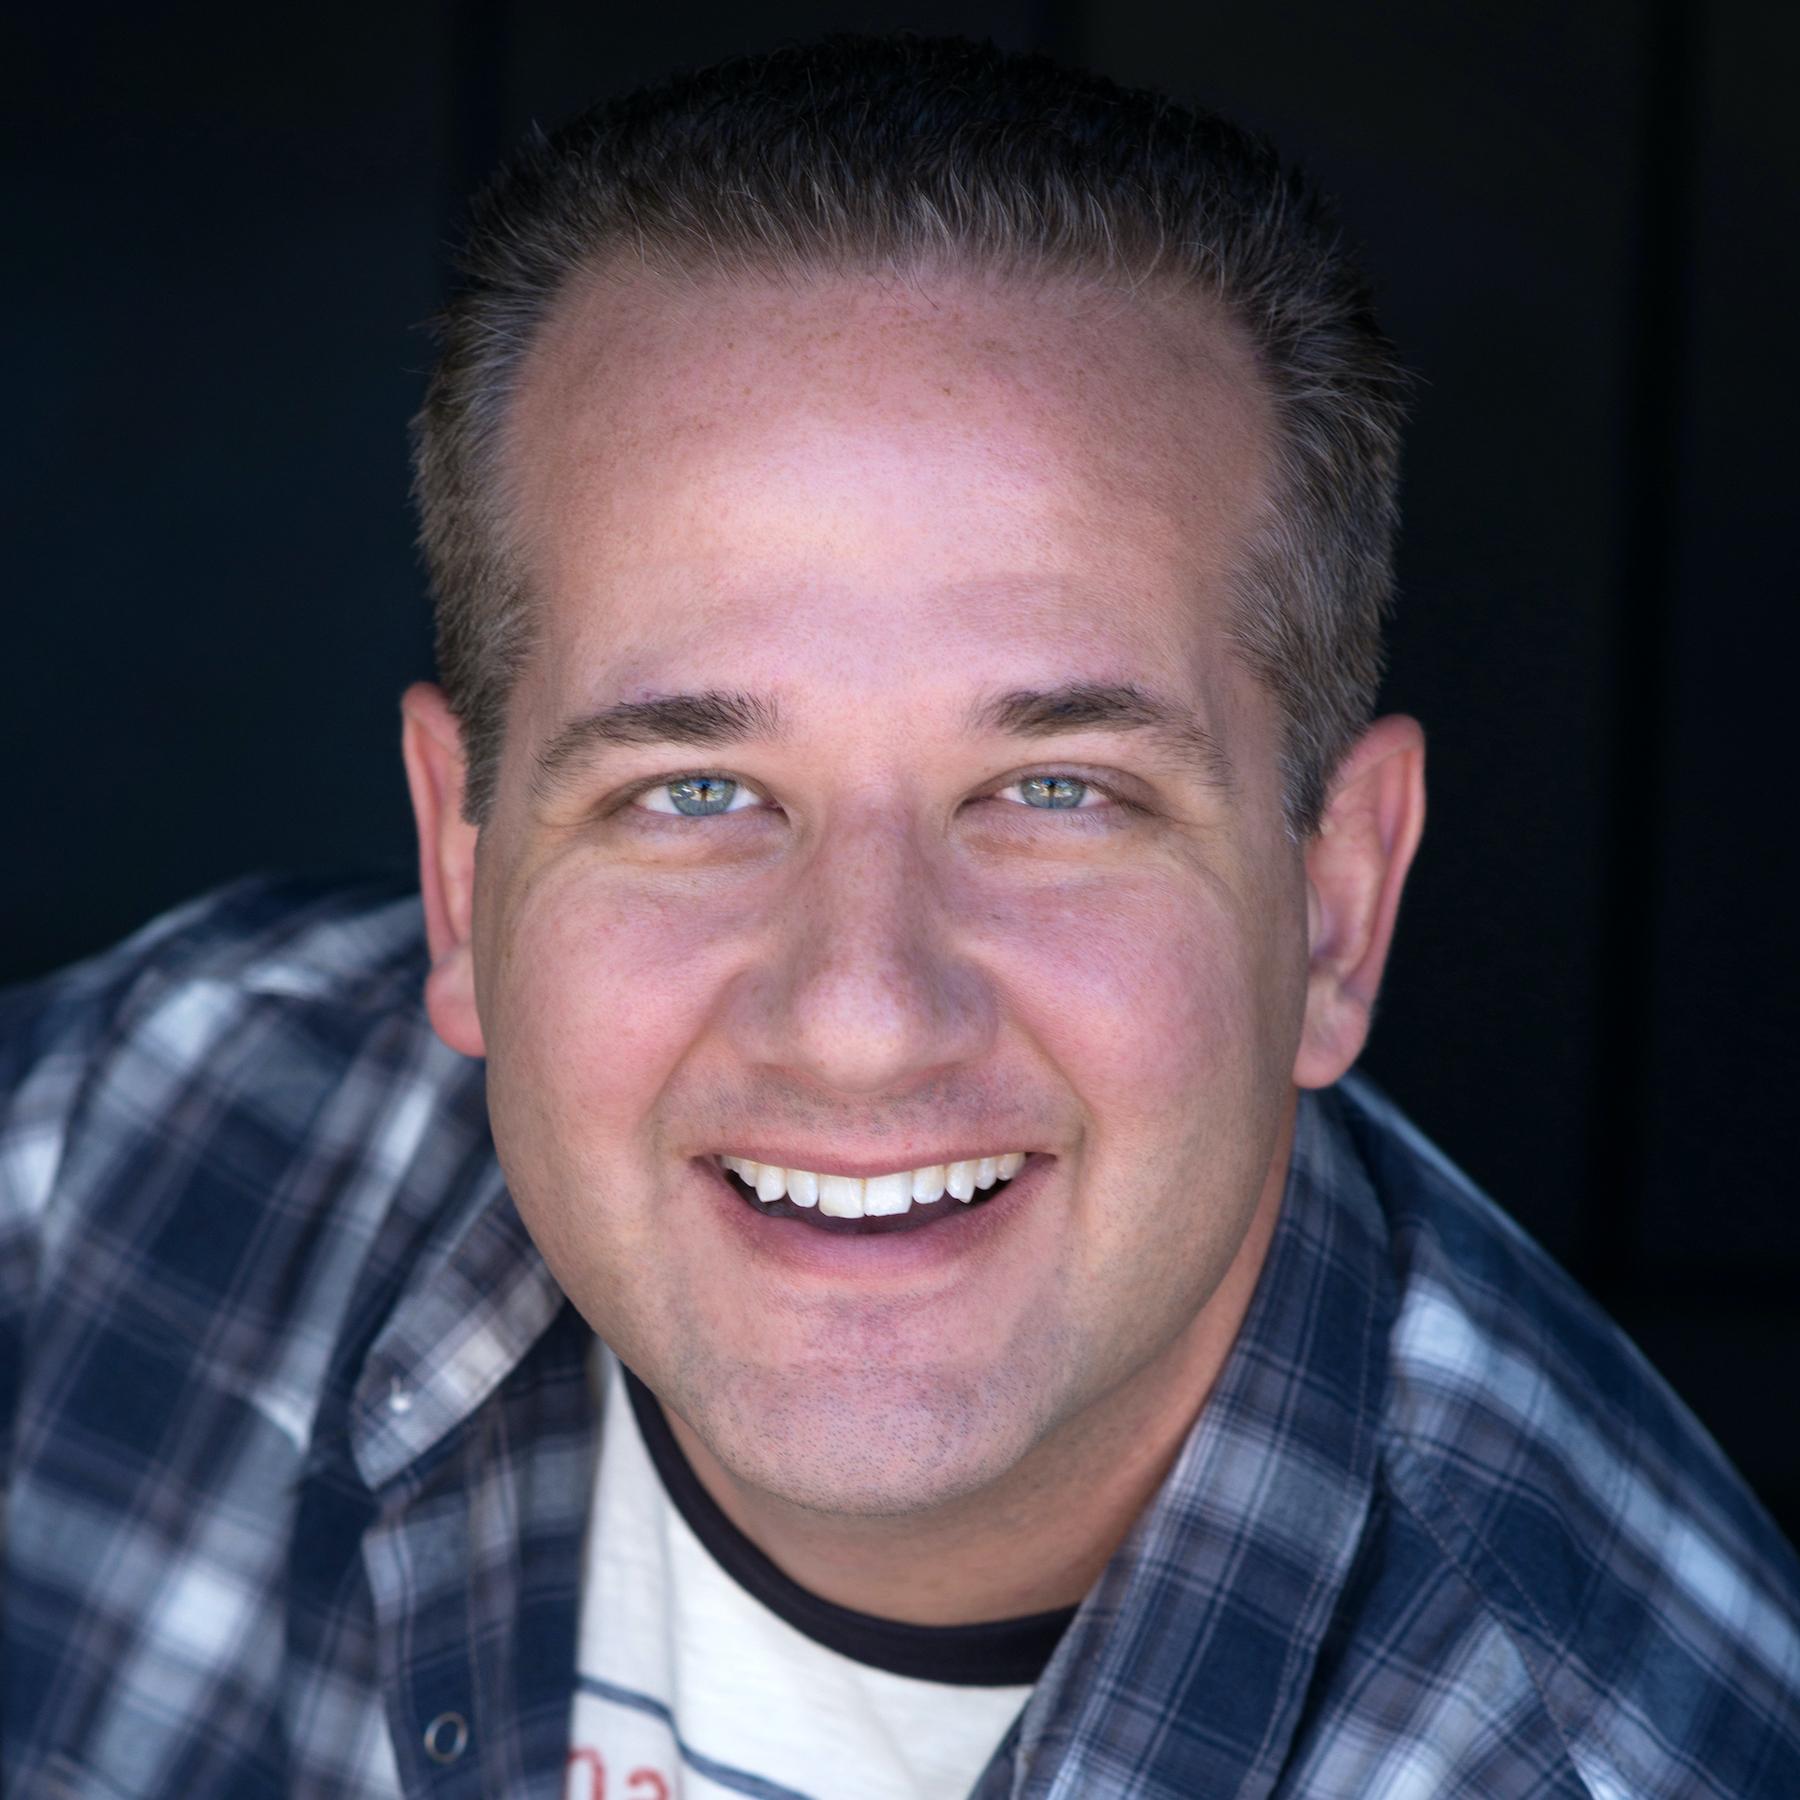 Chris Duke